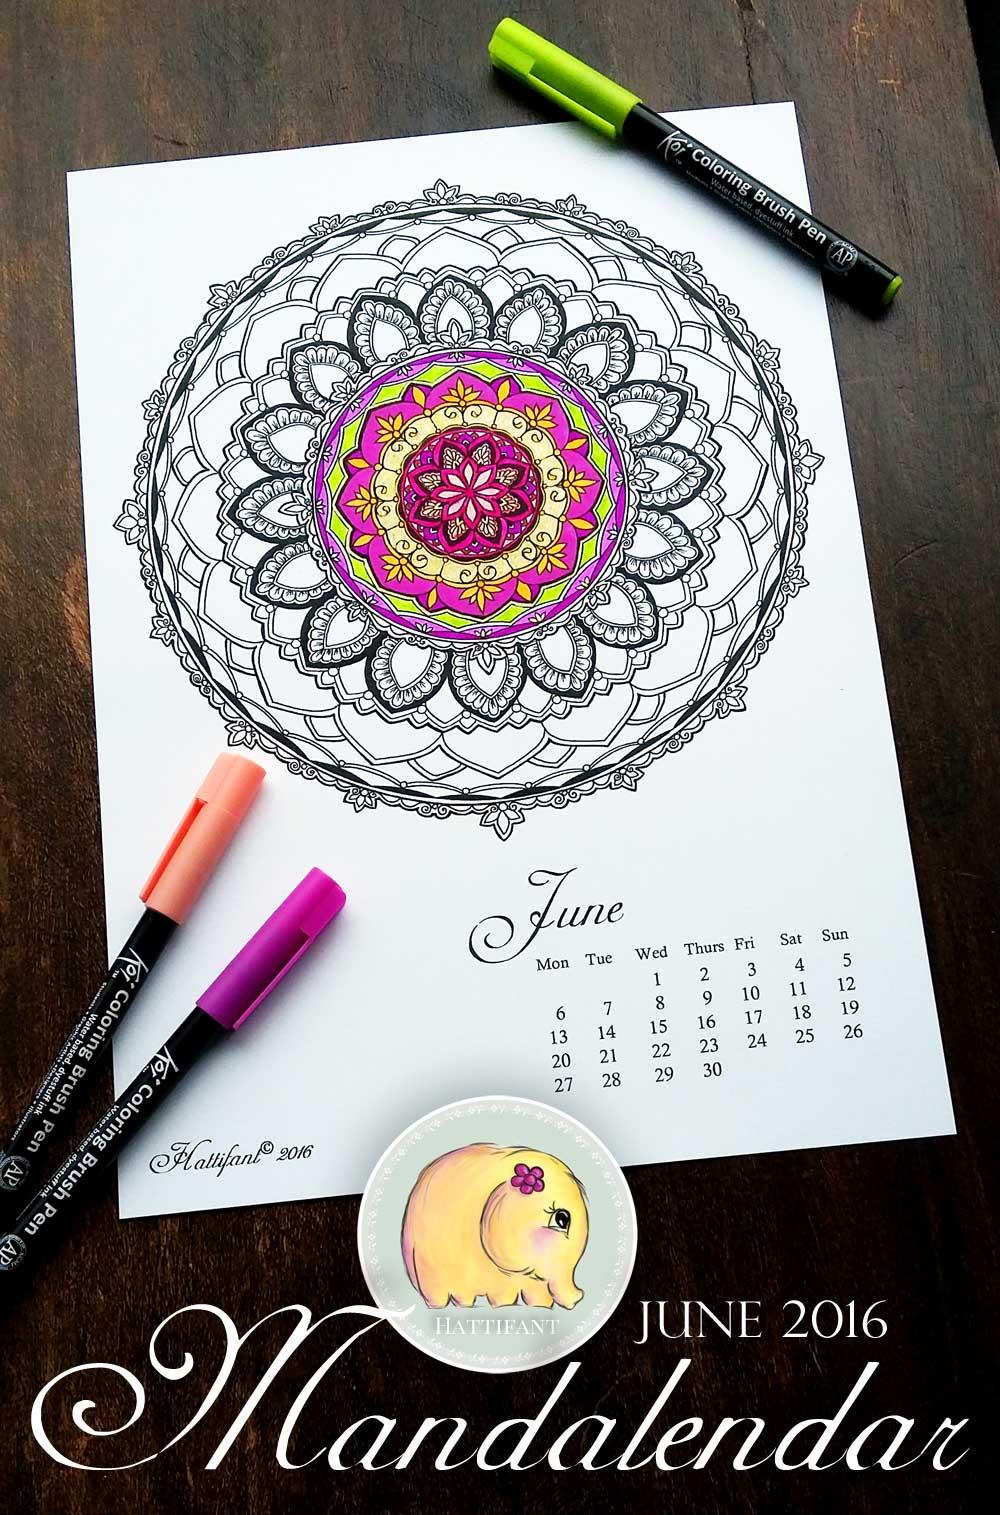 Hattifant Mandalendar Calendar Coloring Page 2016 June